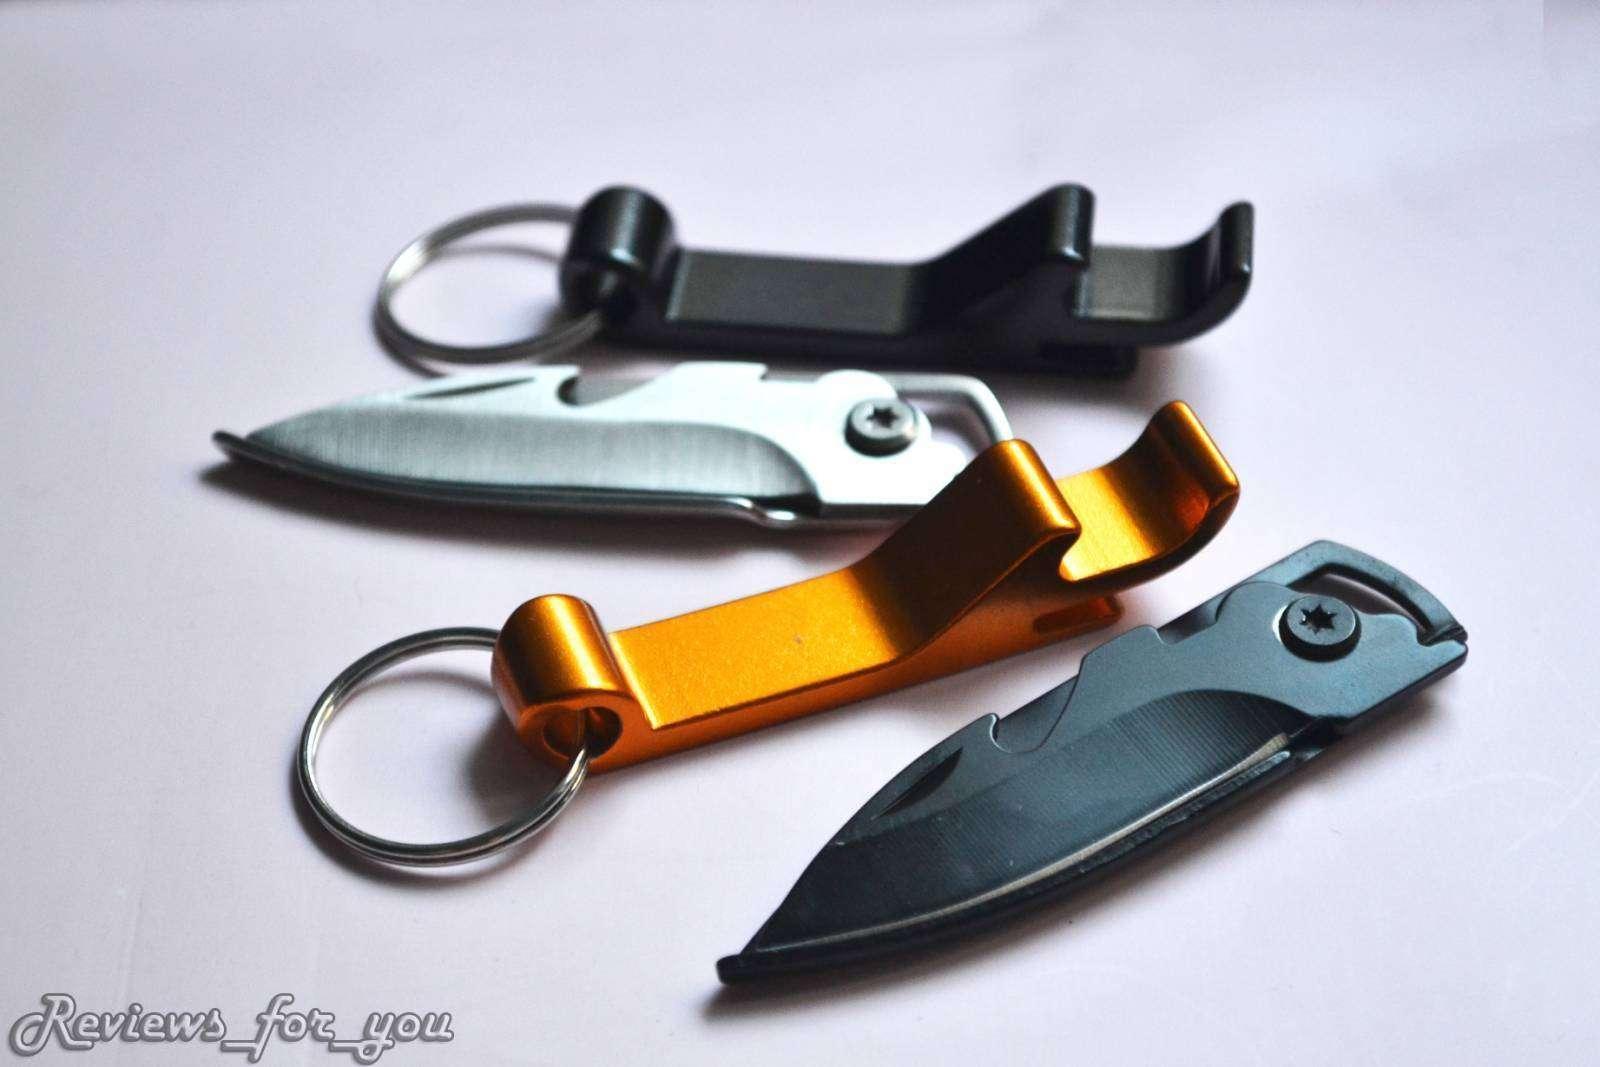 ChinaBuye: Маленькие открывалки и пара популярных ножиков